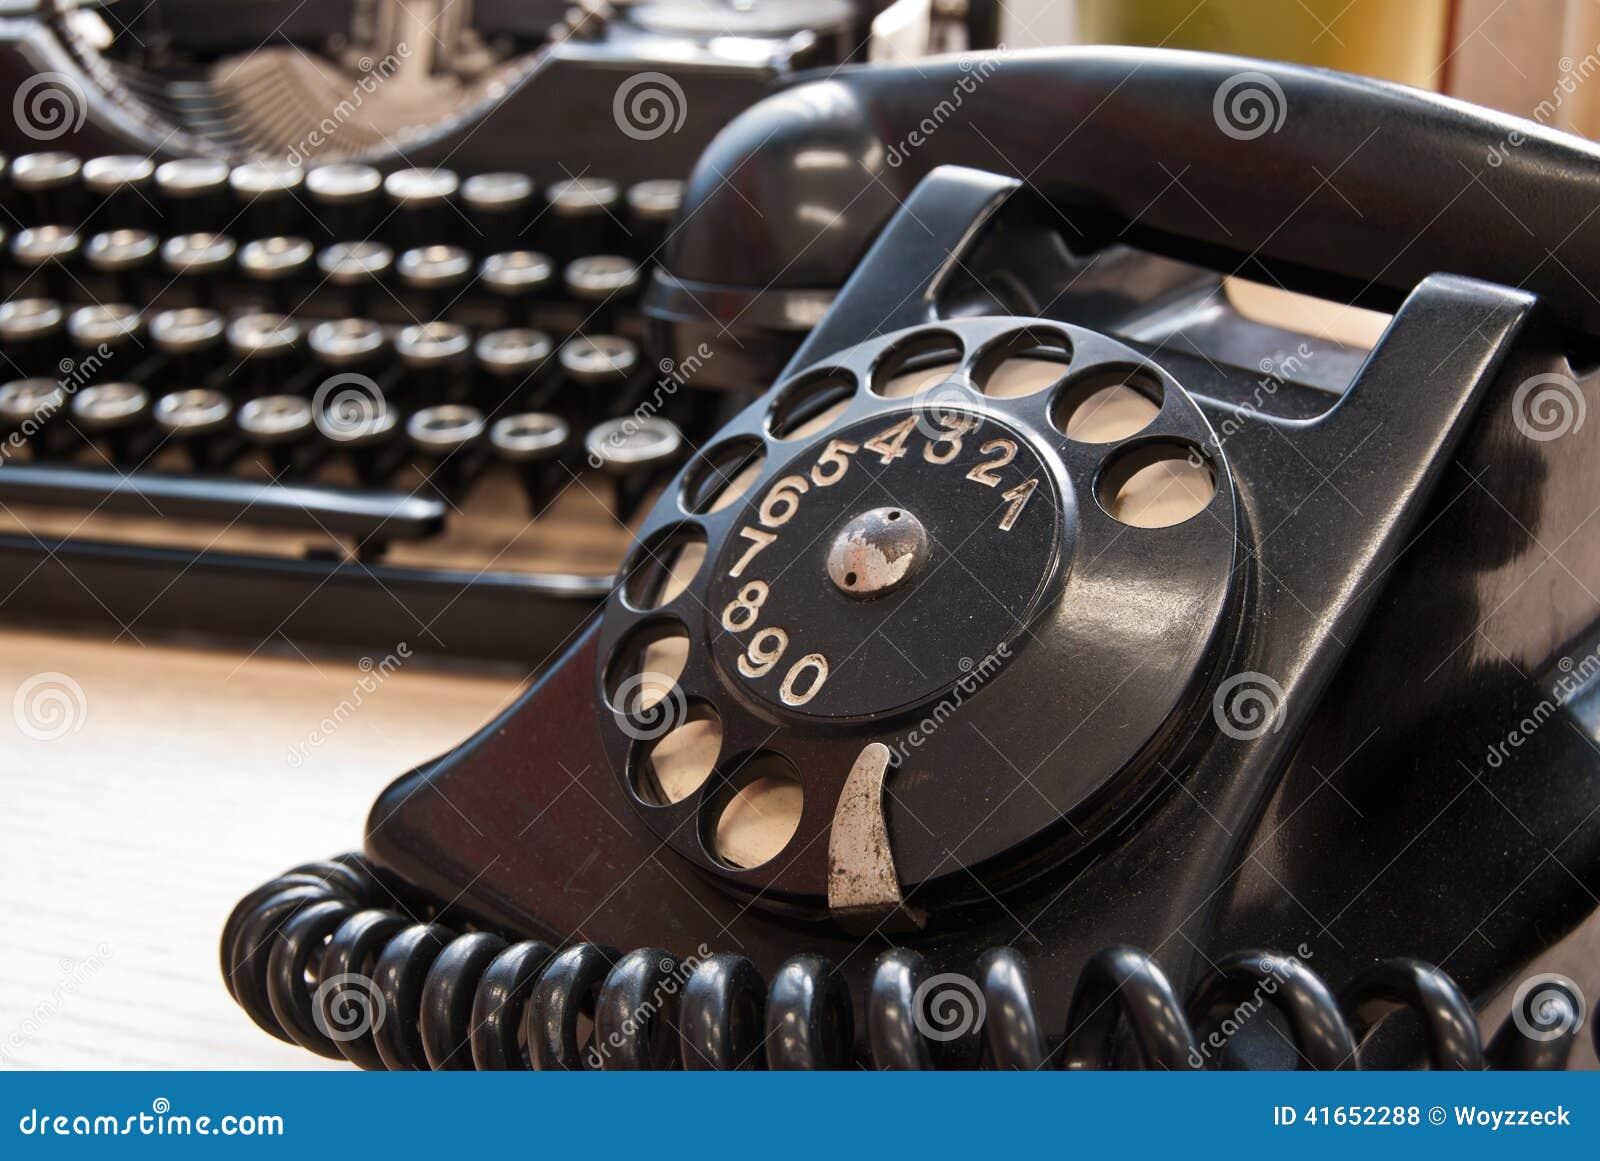 Винтажный телефон и машинка